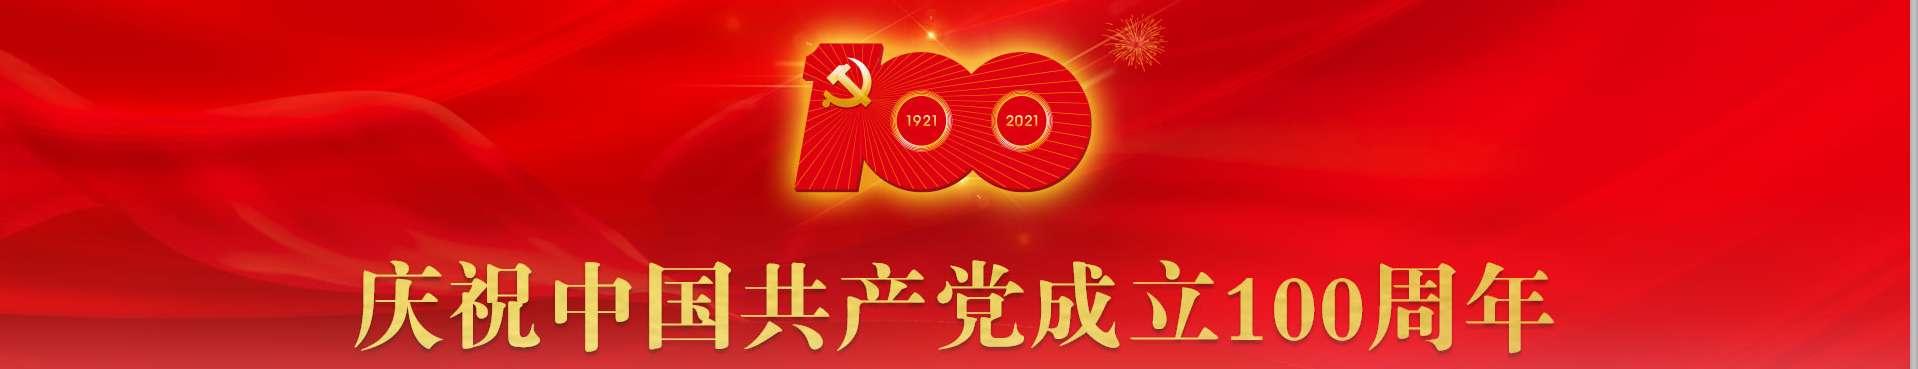 庆祝建党百年